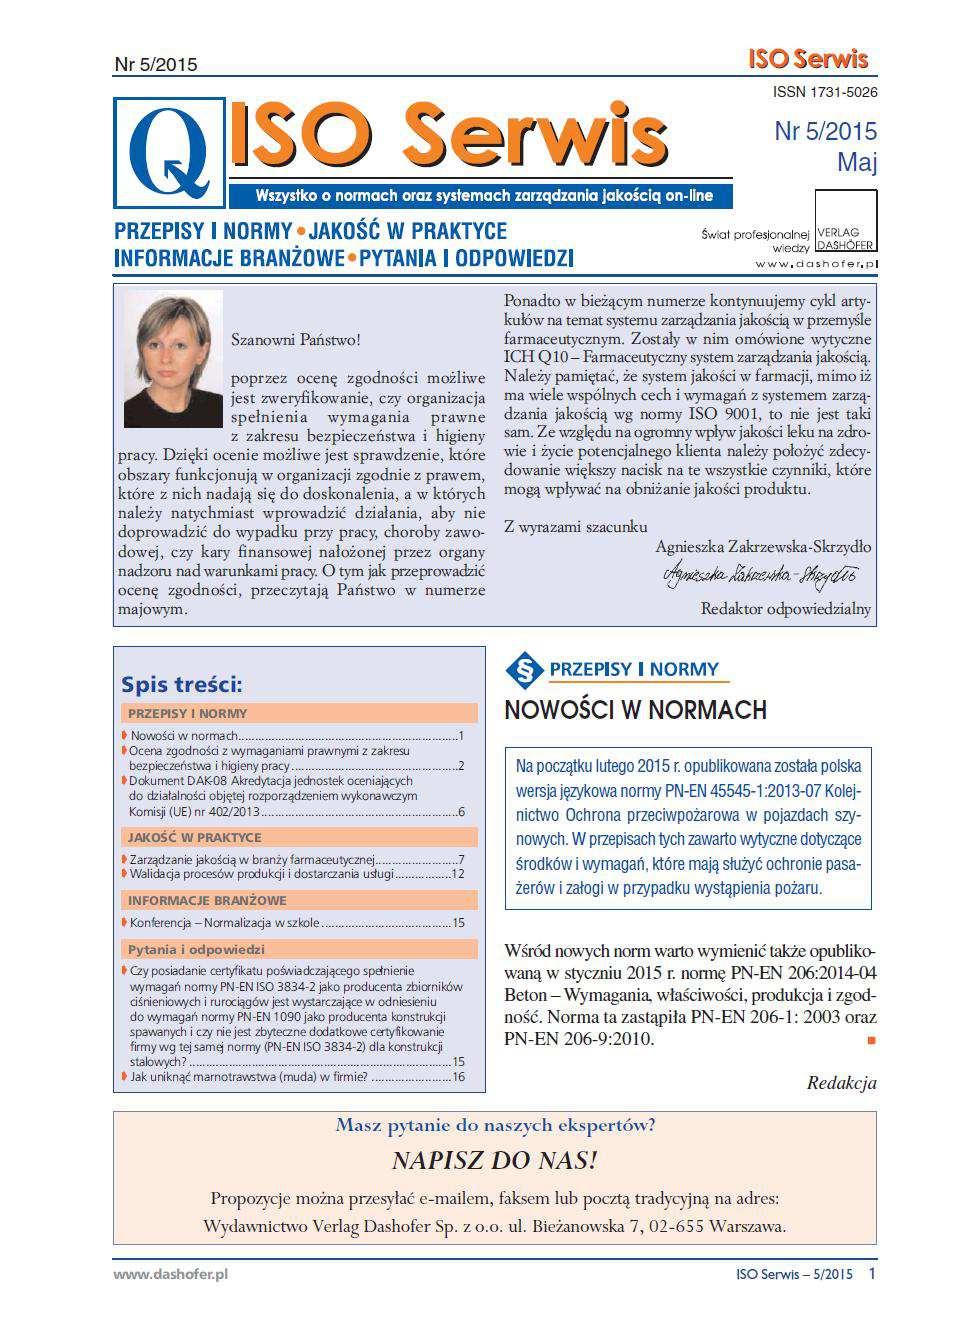 ISO Serwis. Wszystko o normach i systemach zarządzania jakością. Nr 5/2015 - Ebook (Książka PDF) do pobrania w formacie PDF